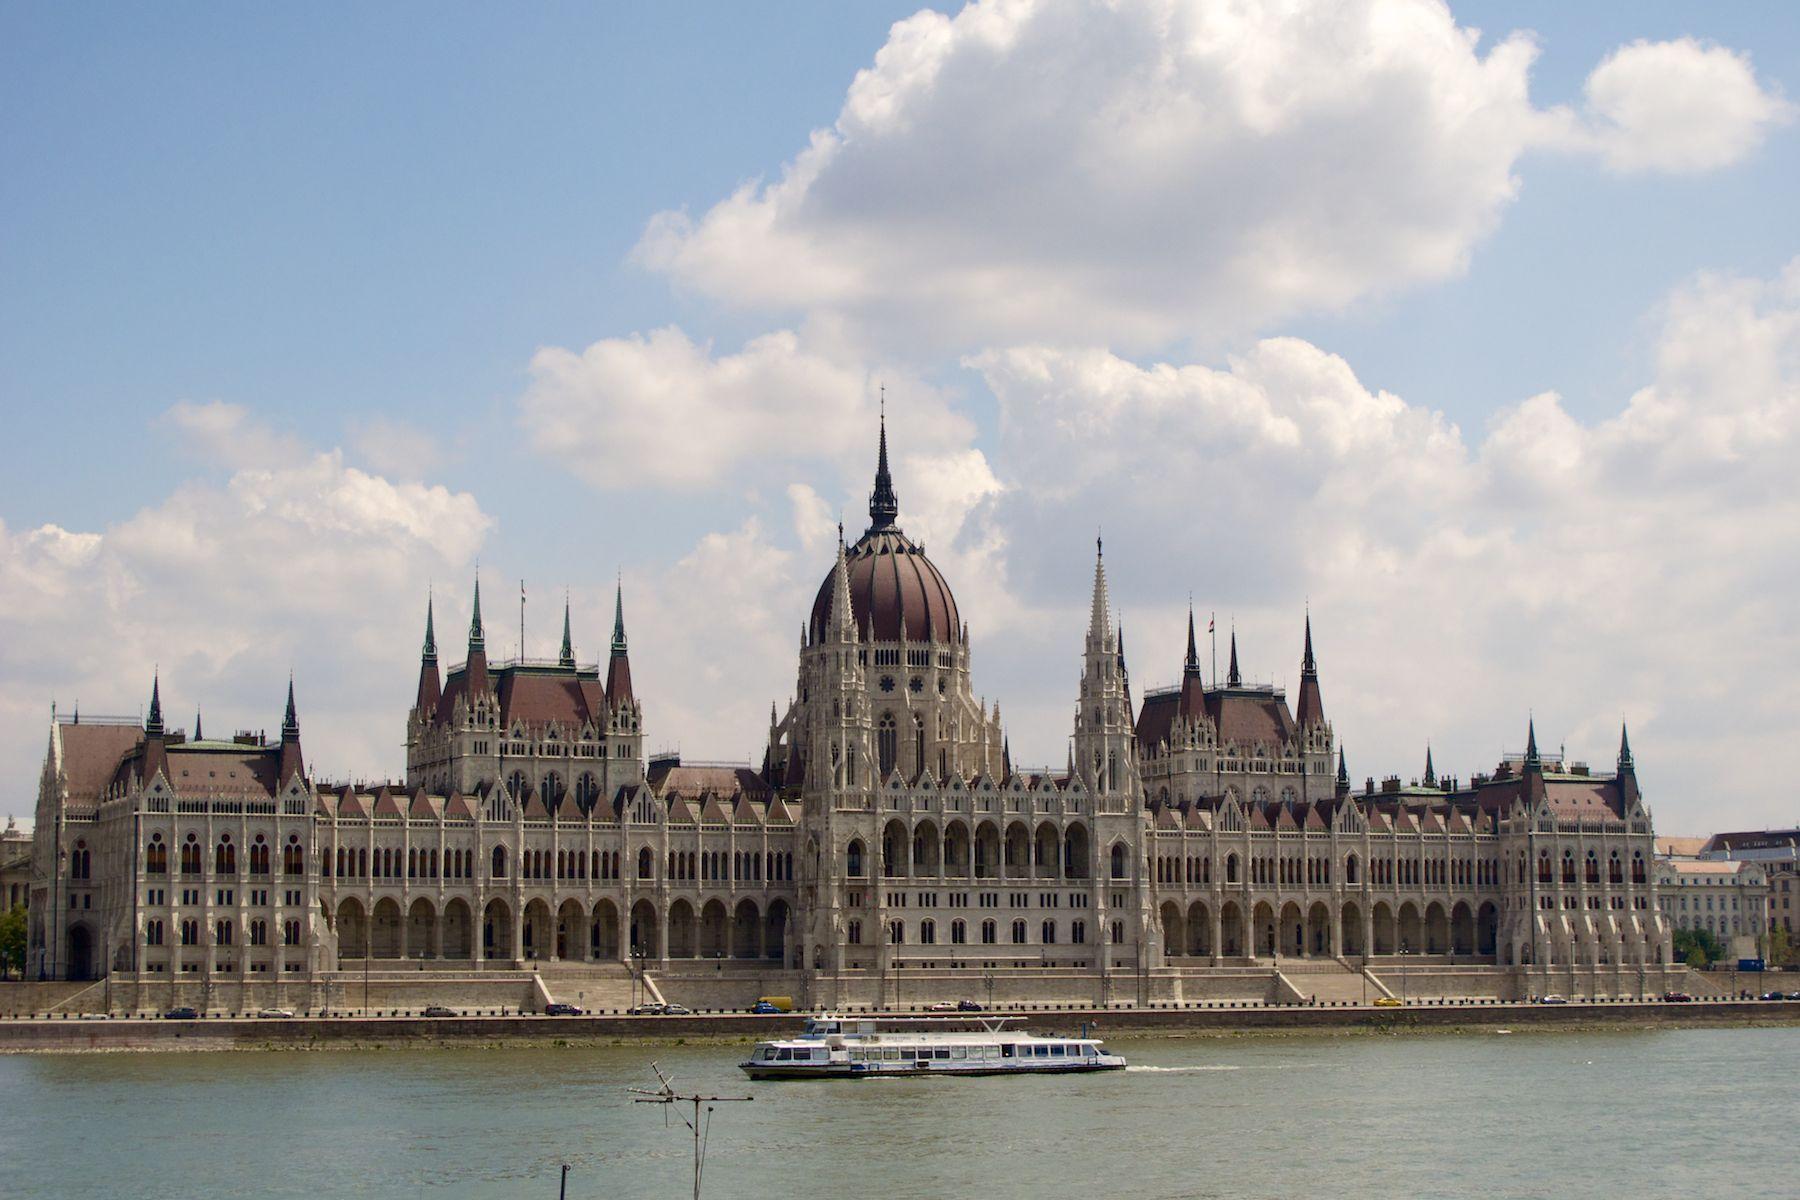 kraj Józefa Bema - Węgry - Budapeszt